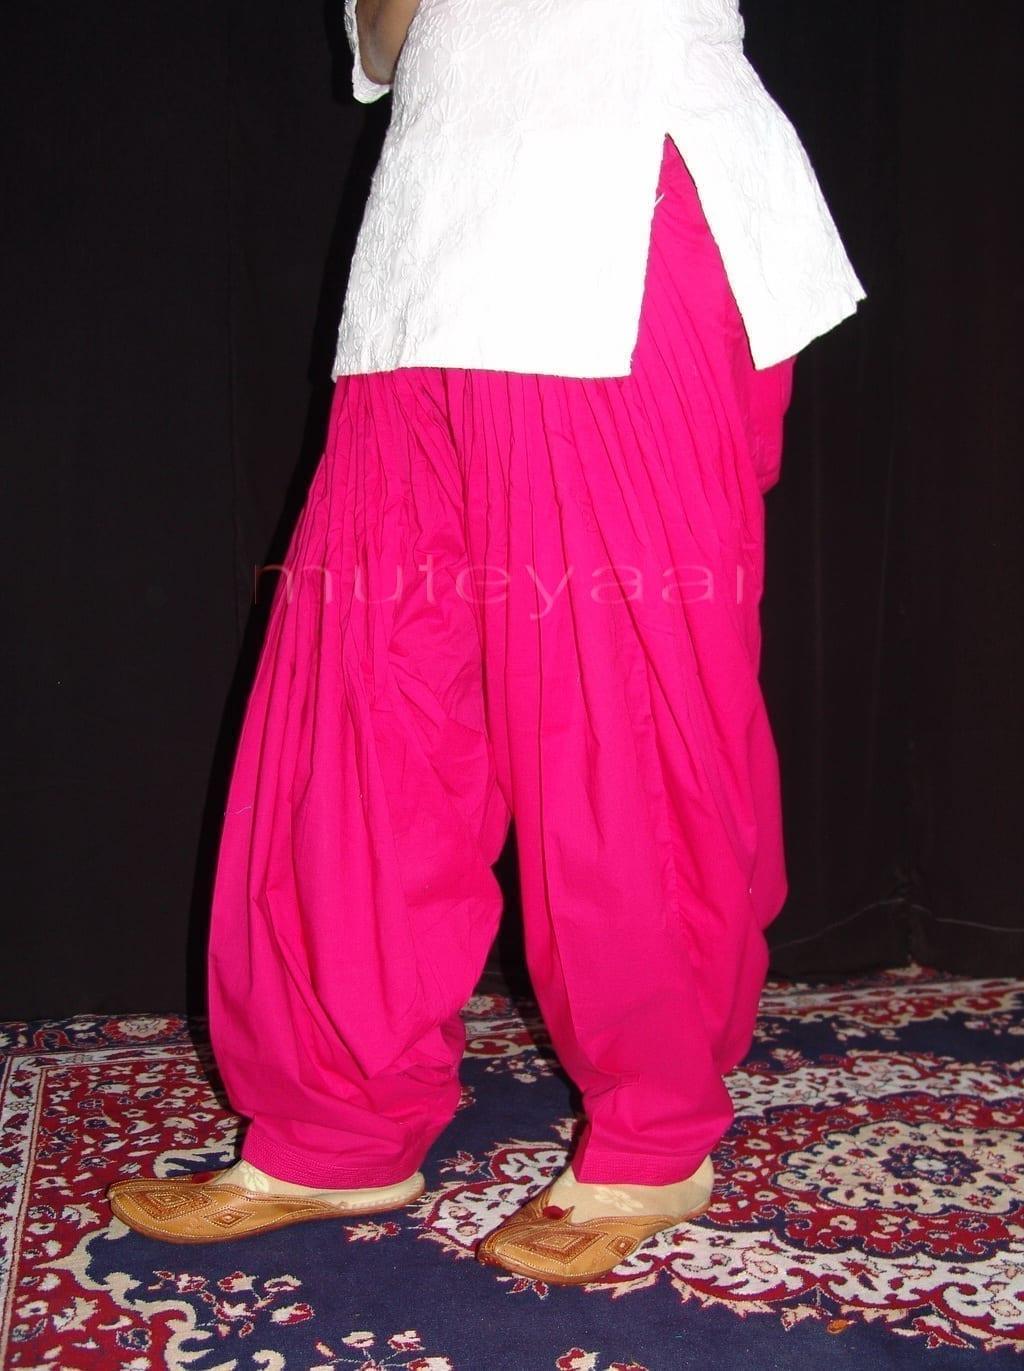 Patiala Salwars Wholesale Lot of 25 Pure Cotton Pants - Mix colours 18